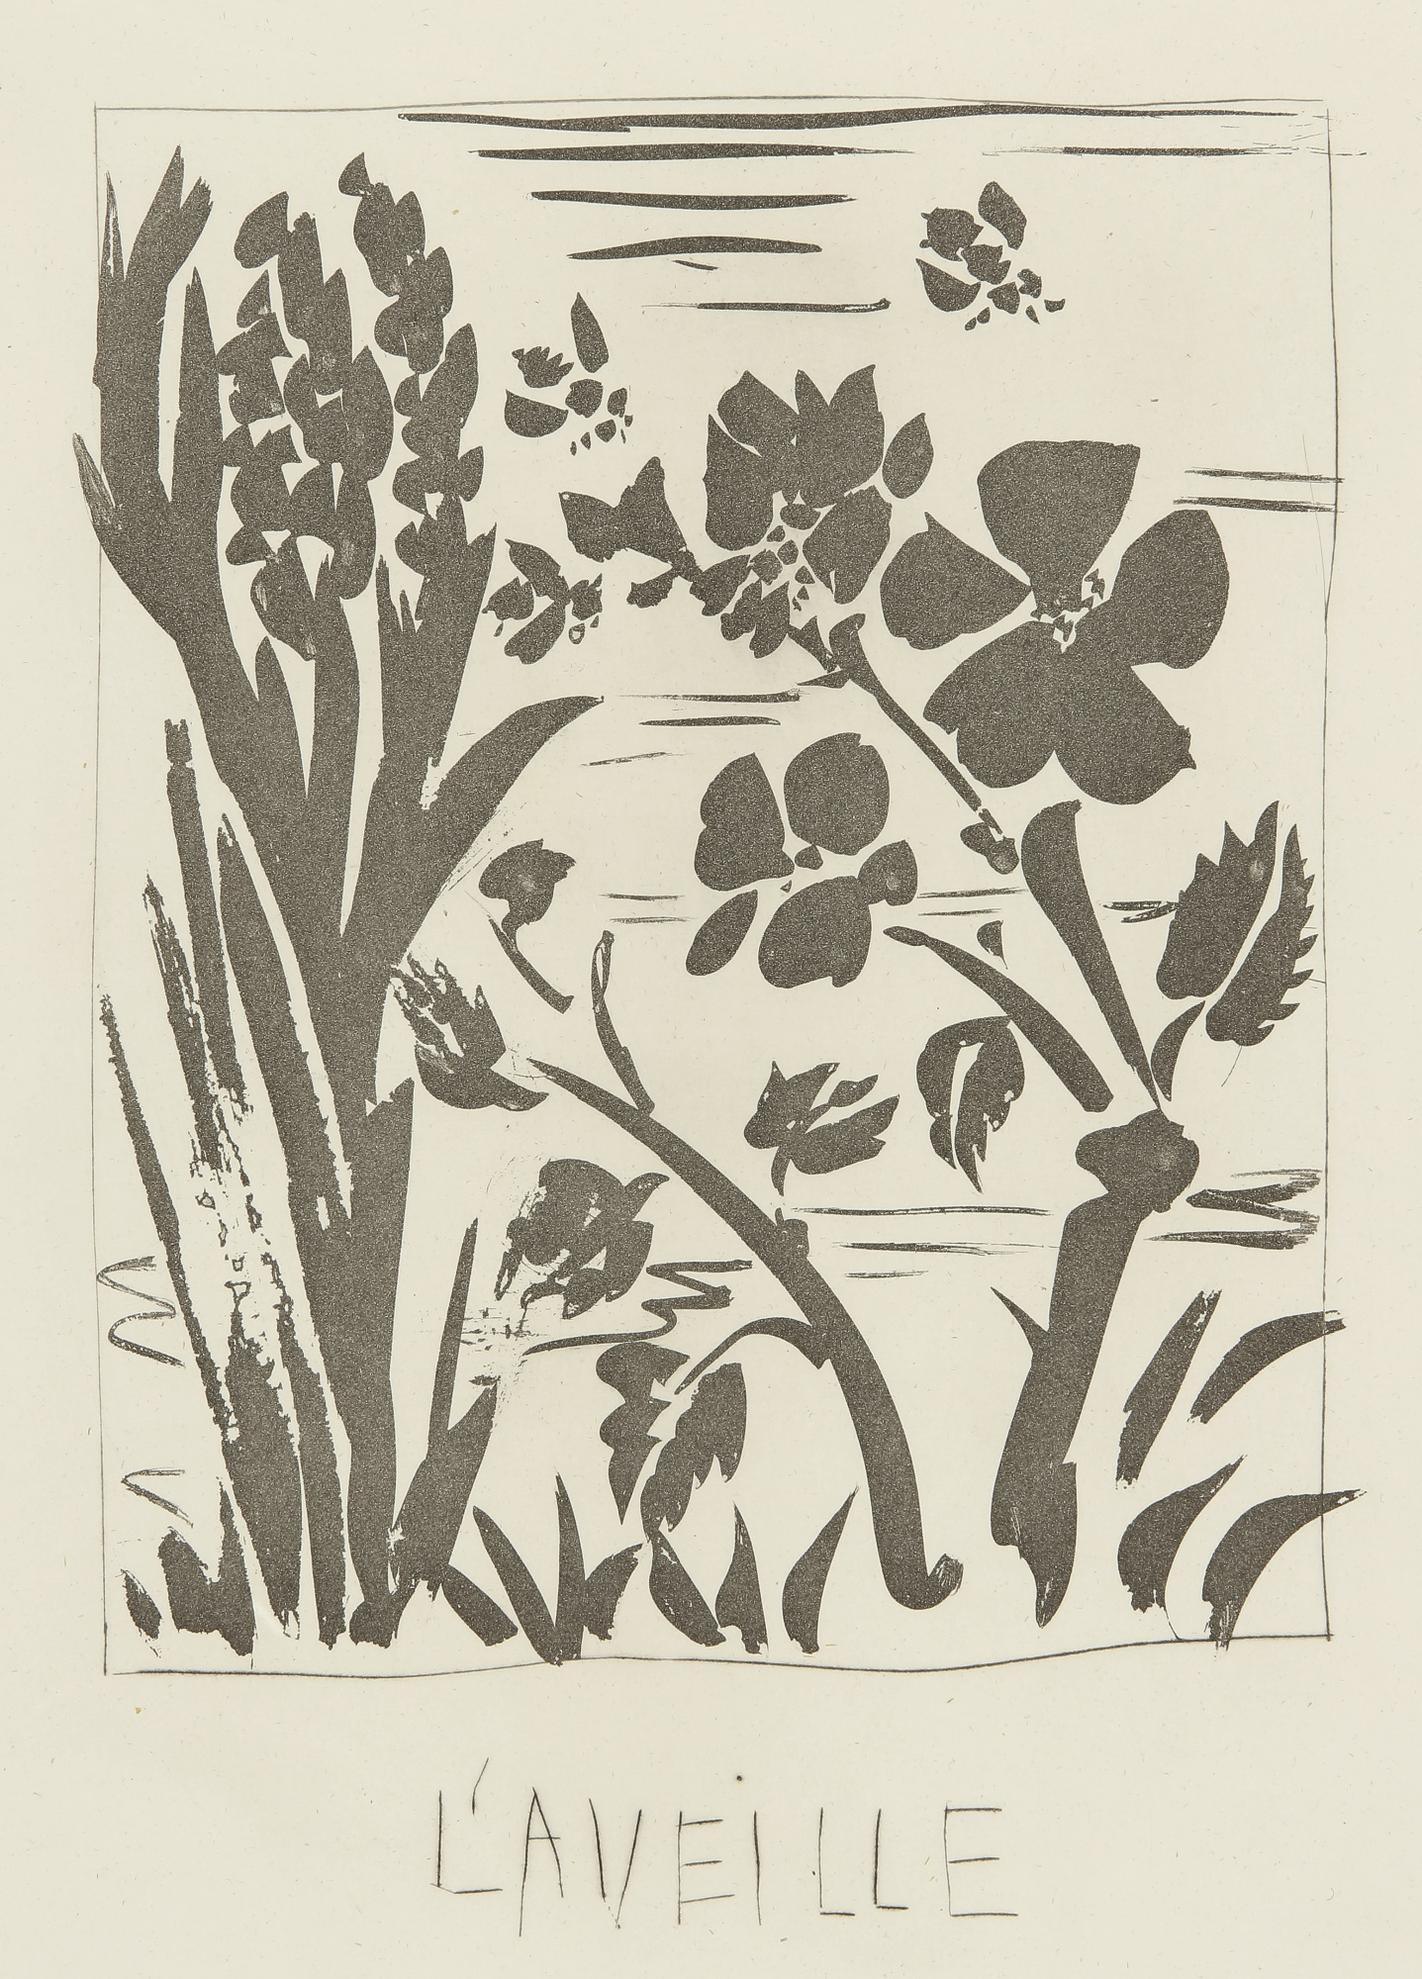 Pablo Picasso-Laveille (Labeille) (B. 348; Ba. 596)-1936